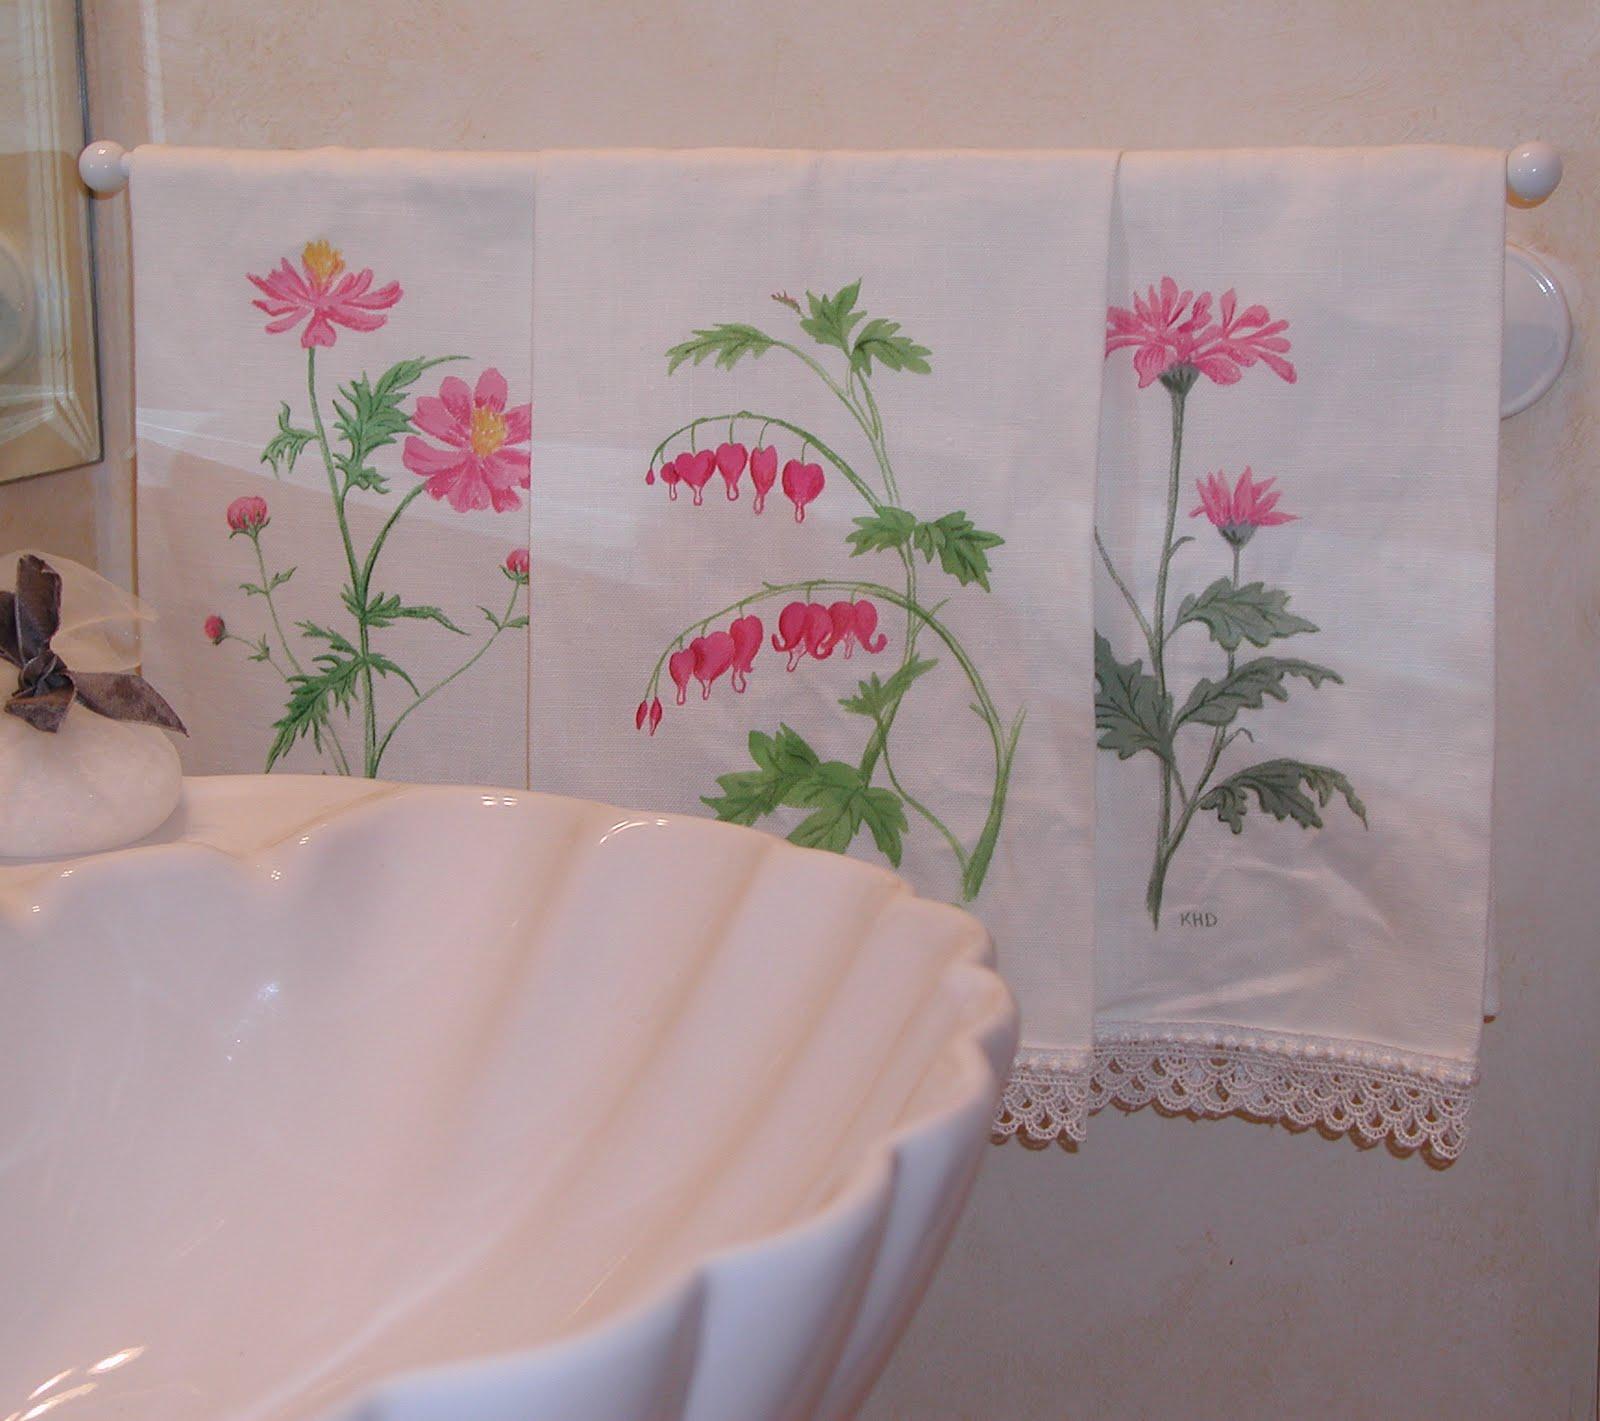 http://3.bp.blogspot.com/_kSroCbdNCC4/THP1fUXQY7I/AAAAAAAADdM/AMu0uBFpQVc/s1600/hand+towels.JPG